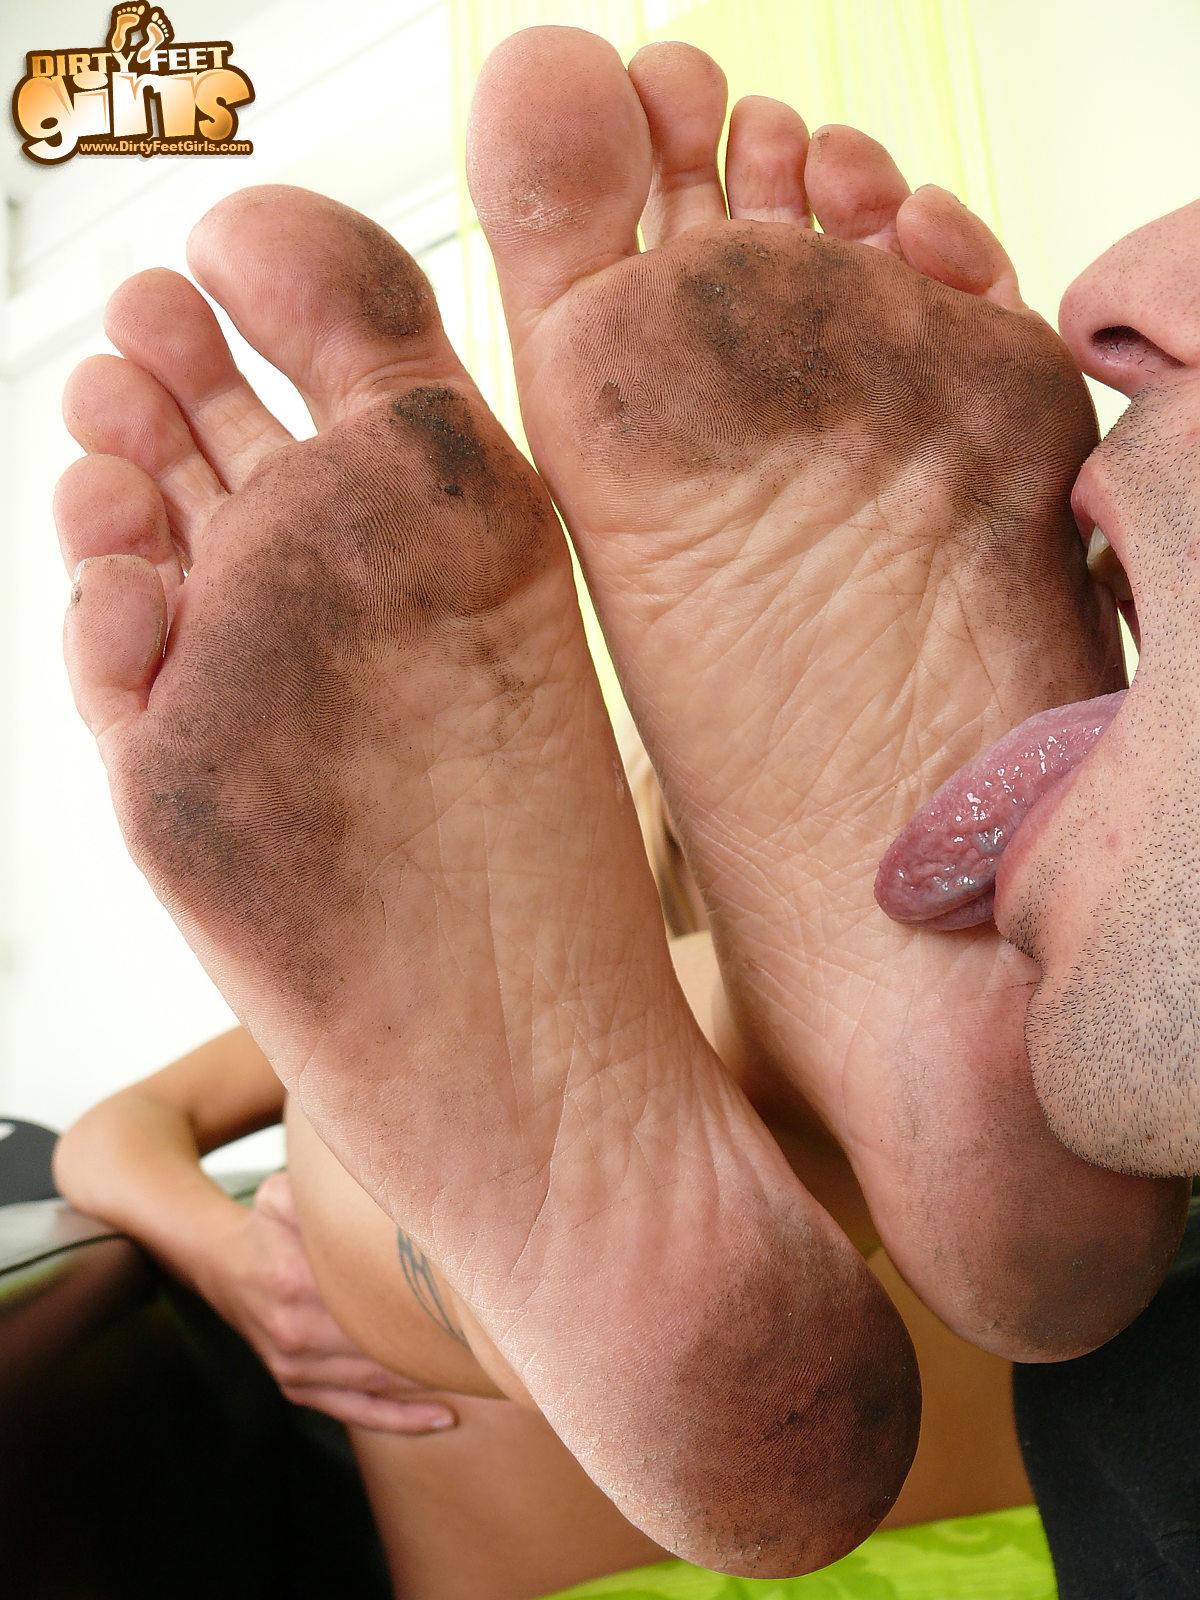 Female feet 30 year old woman 2